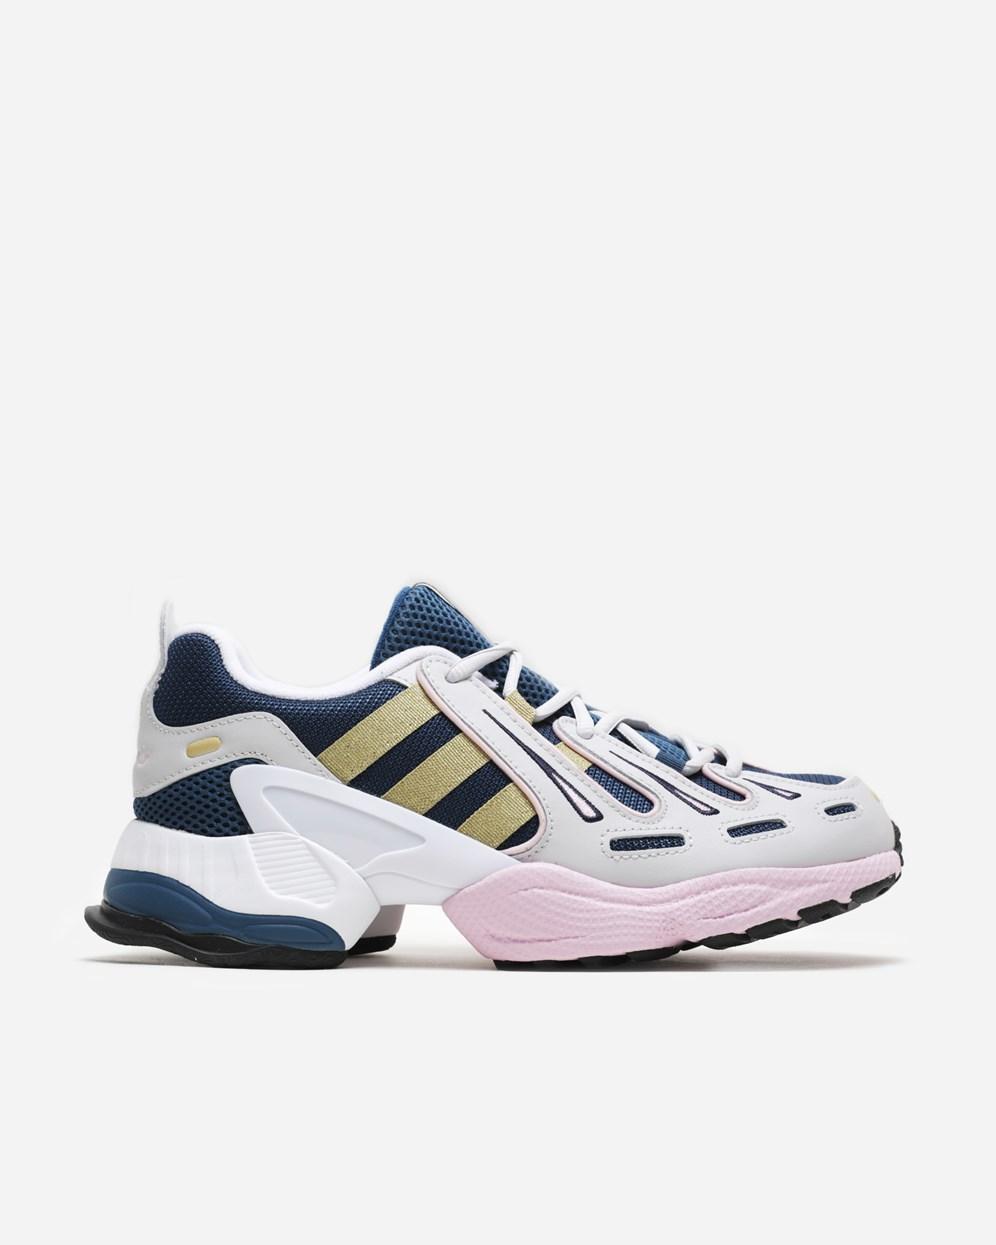 Adidas Originals EQT Gazelle Gold/Mint/Pink   EE5149